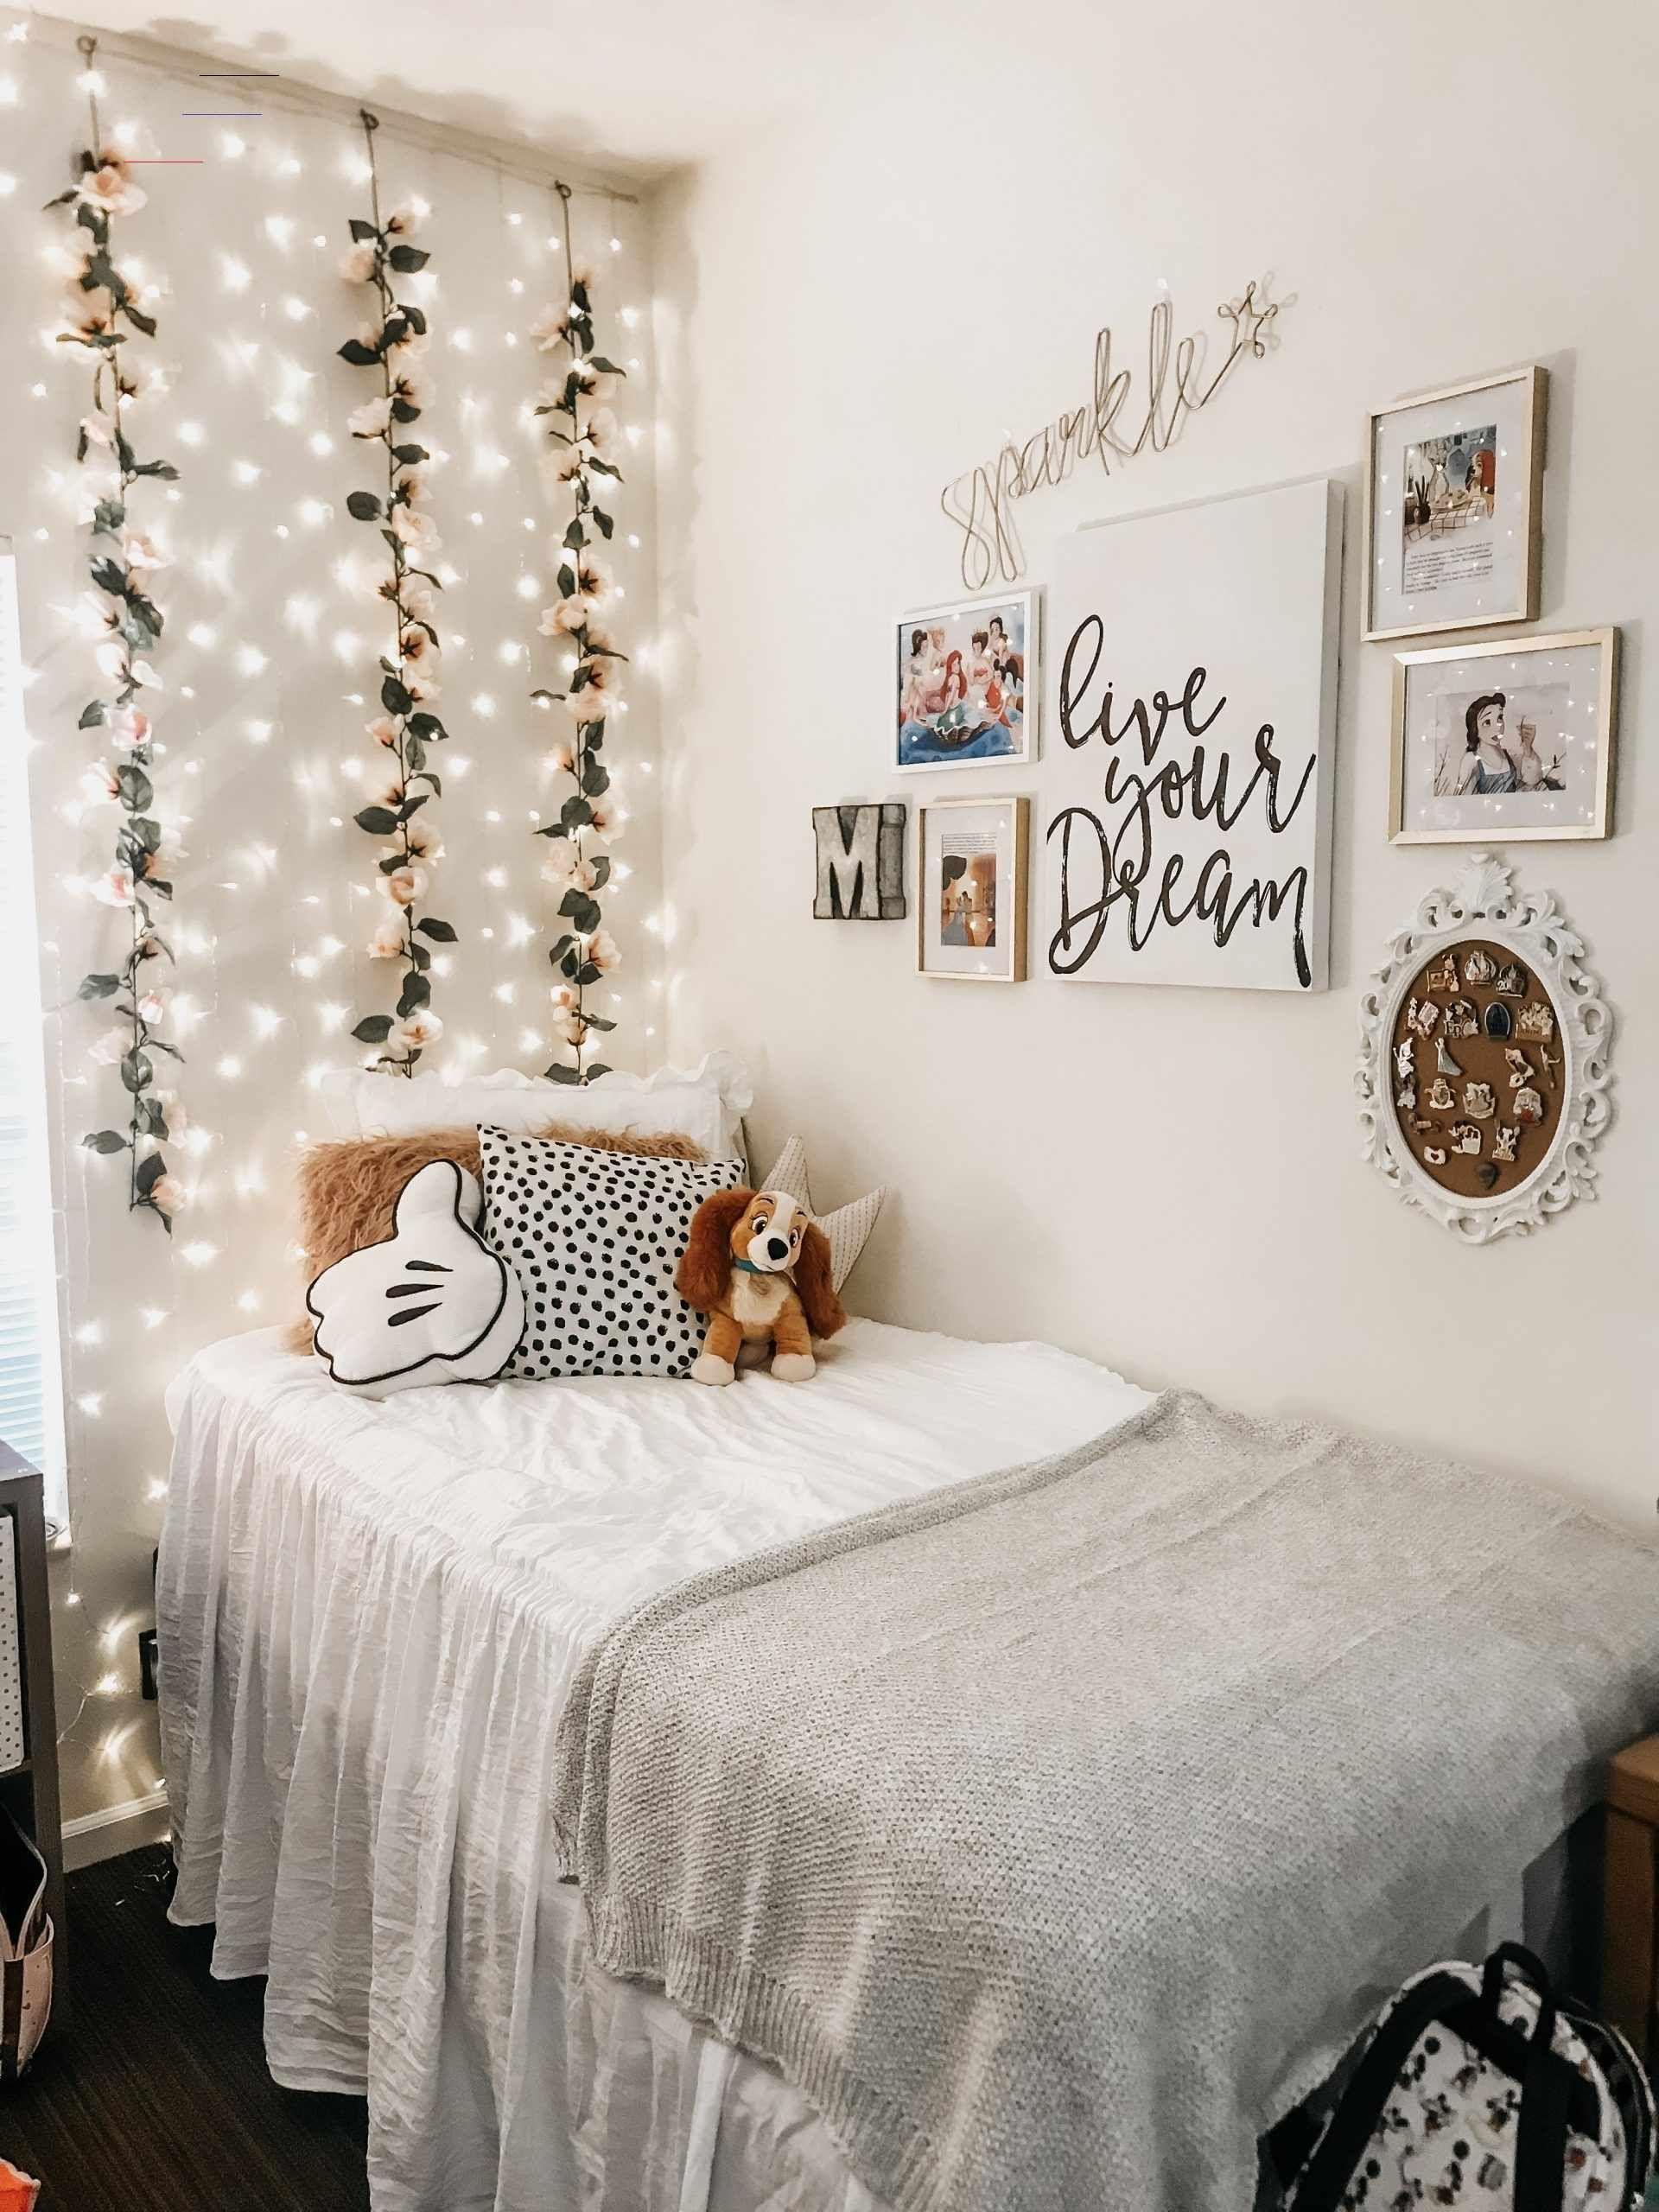 20 Qm Zimmer Einrichten Neu 20 Kleines Langliches Schlafzimmer